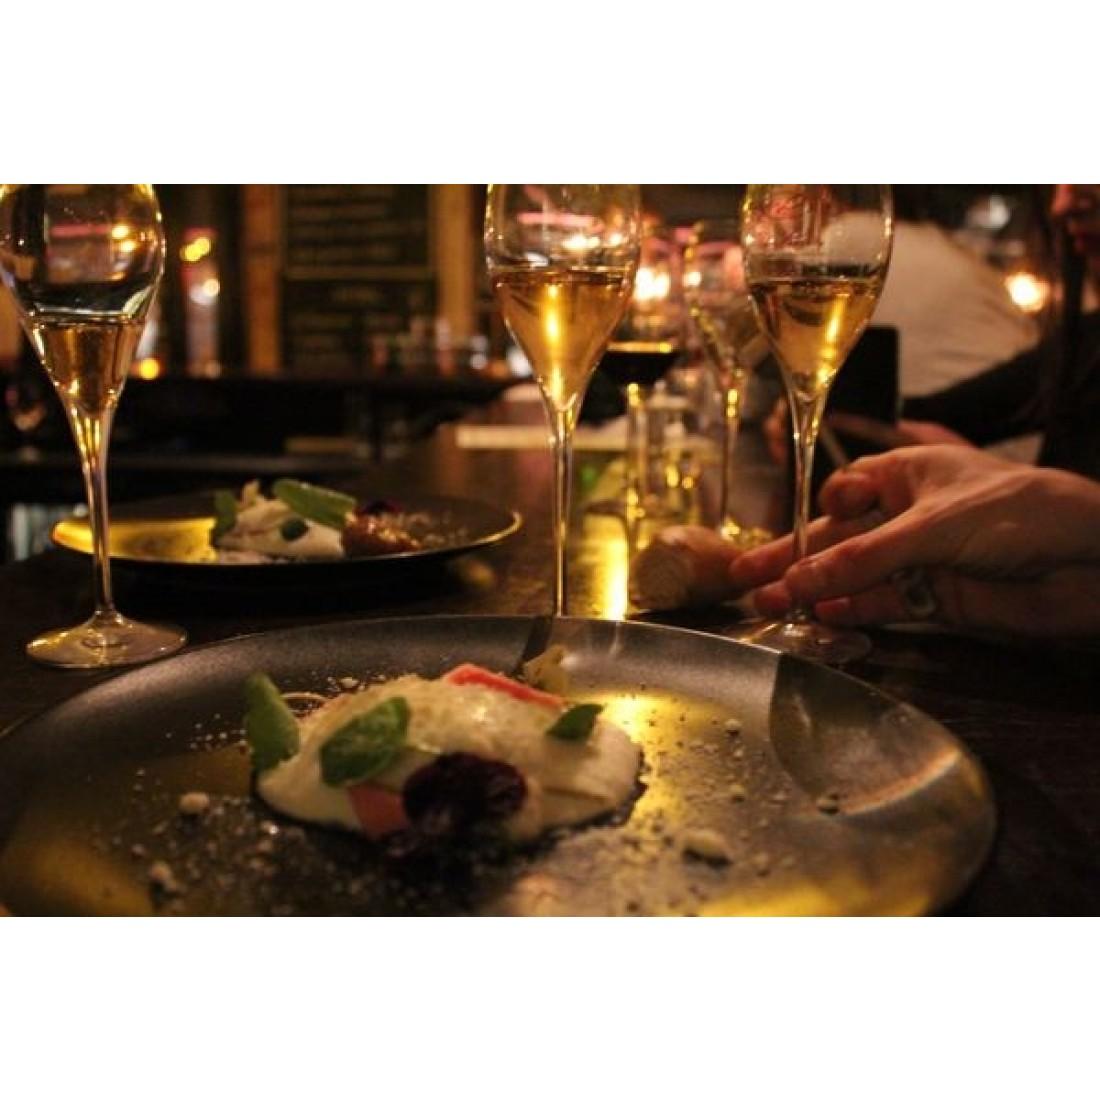 Champagnemiddag på Vesterbro Vinstue Tirsdag den 19 november kl. 18.30-31